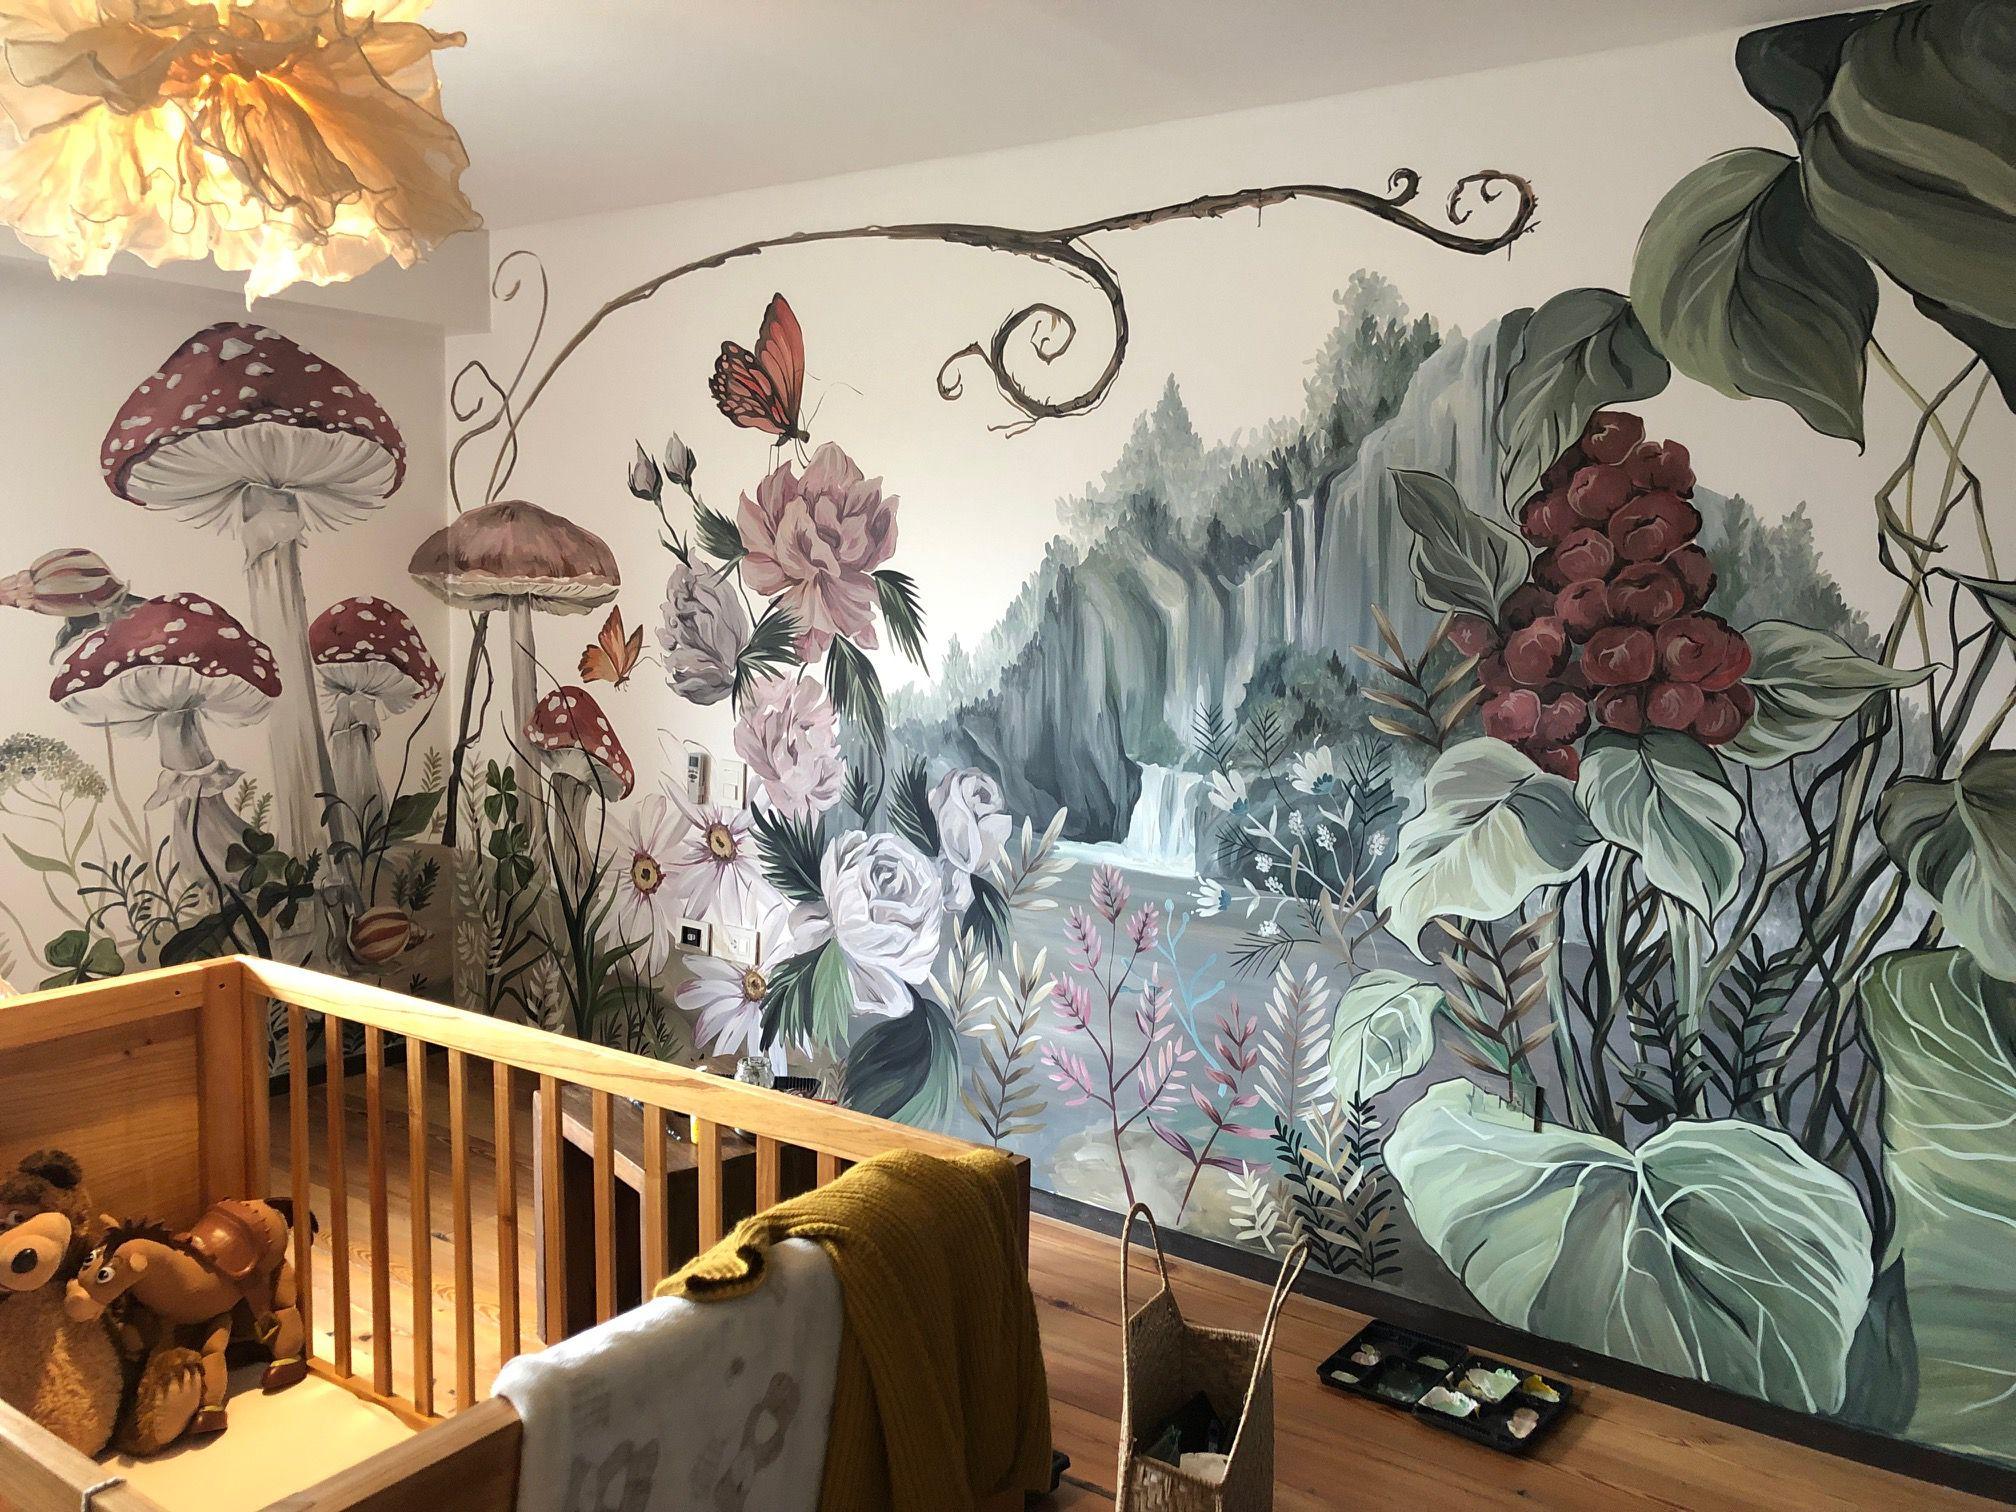 """Los murales de Florencia Chedufau son como """"ventanas"""" a paisajes y otros mundos. Además de la naturaleza, muchas veces plasma en sus trabajos temas o imágenes favoritas de sus clientes"""